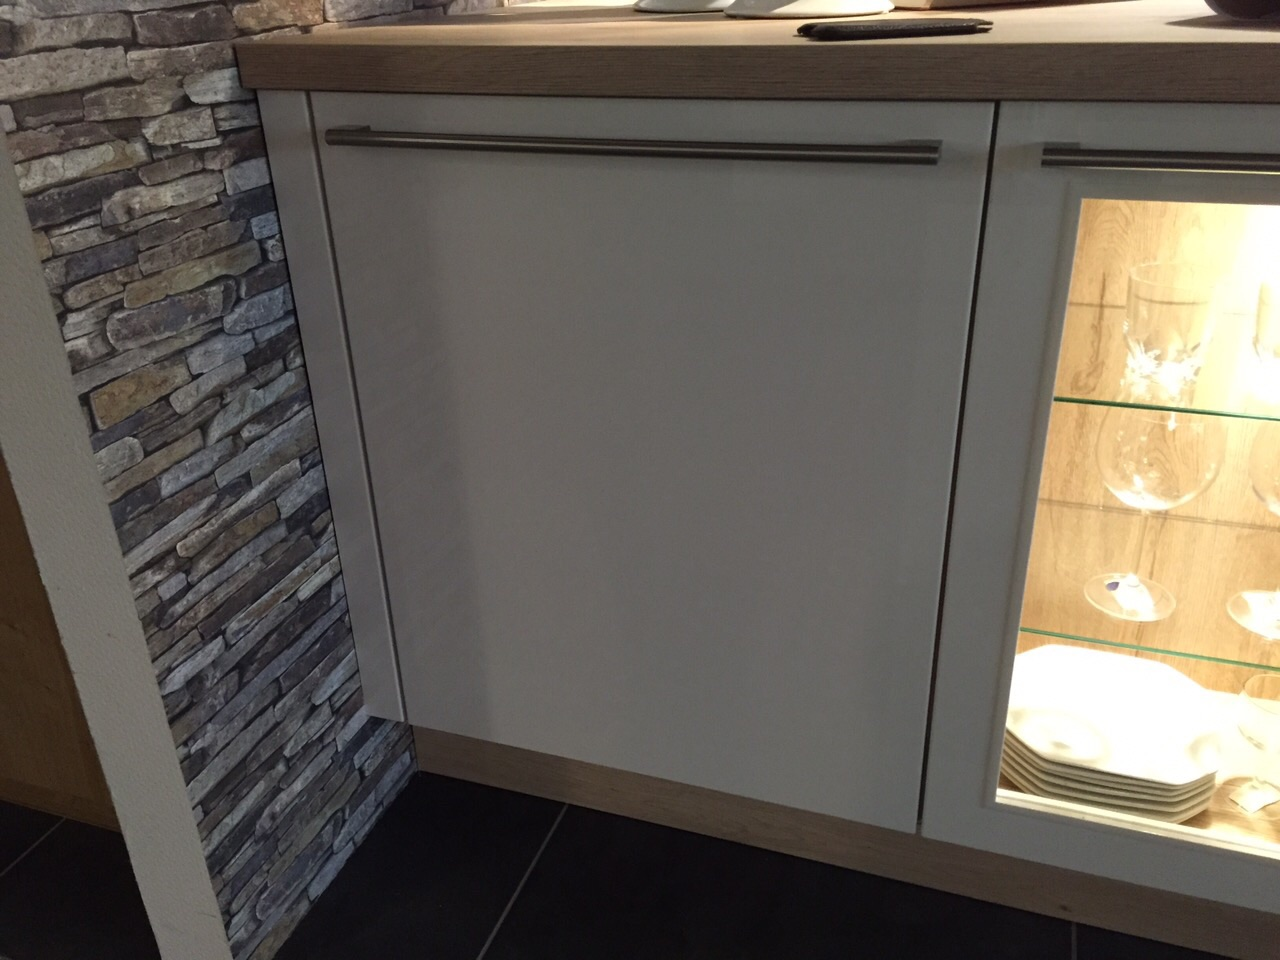 Full Size of Küchenkarussell Blockiert Kostenintensive Praktische Planungselemente Kchen Info Wohnzimmer Küchenkarussell Blockiert